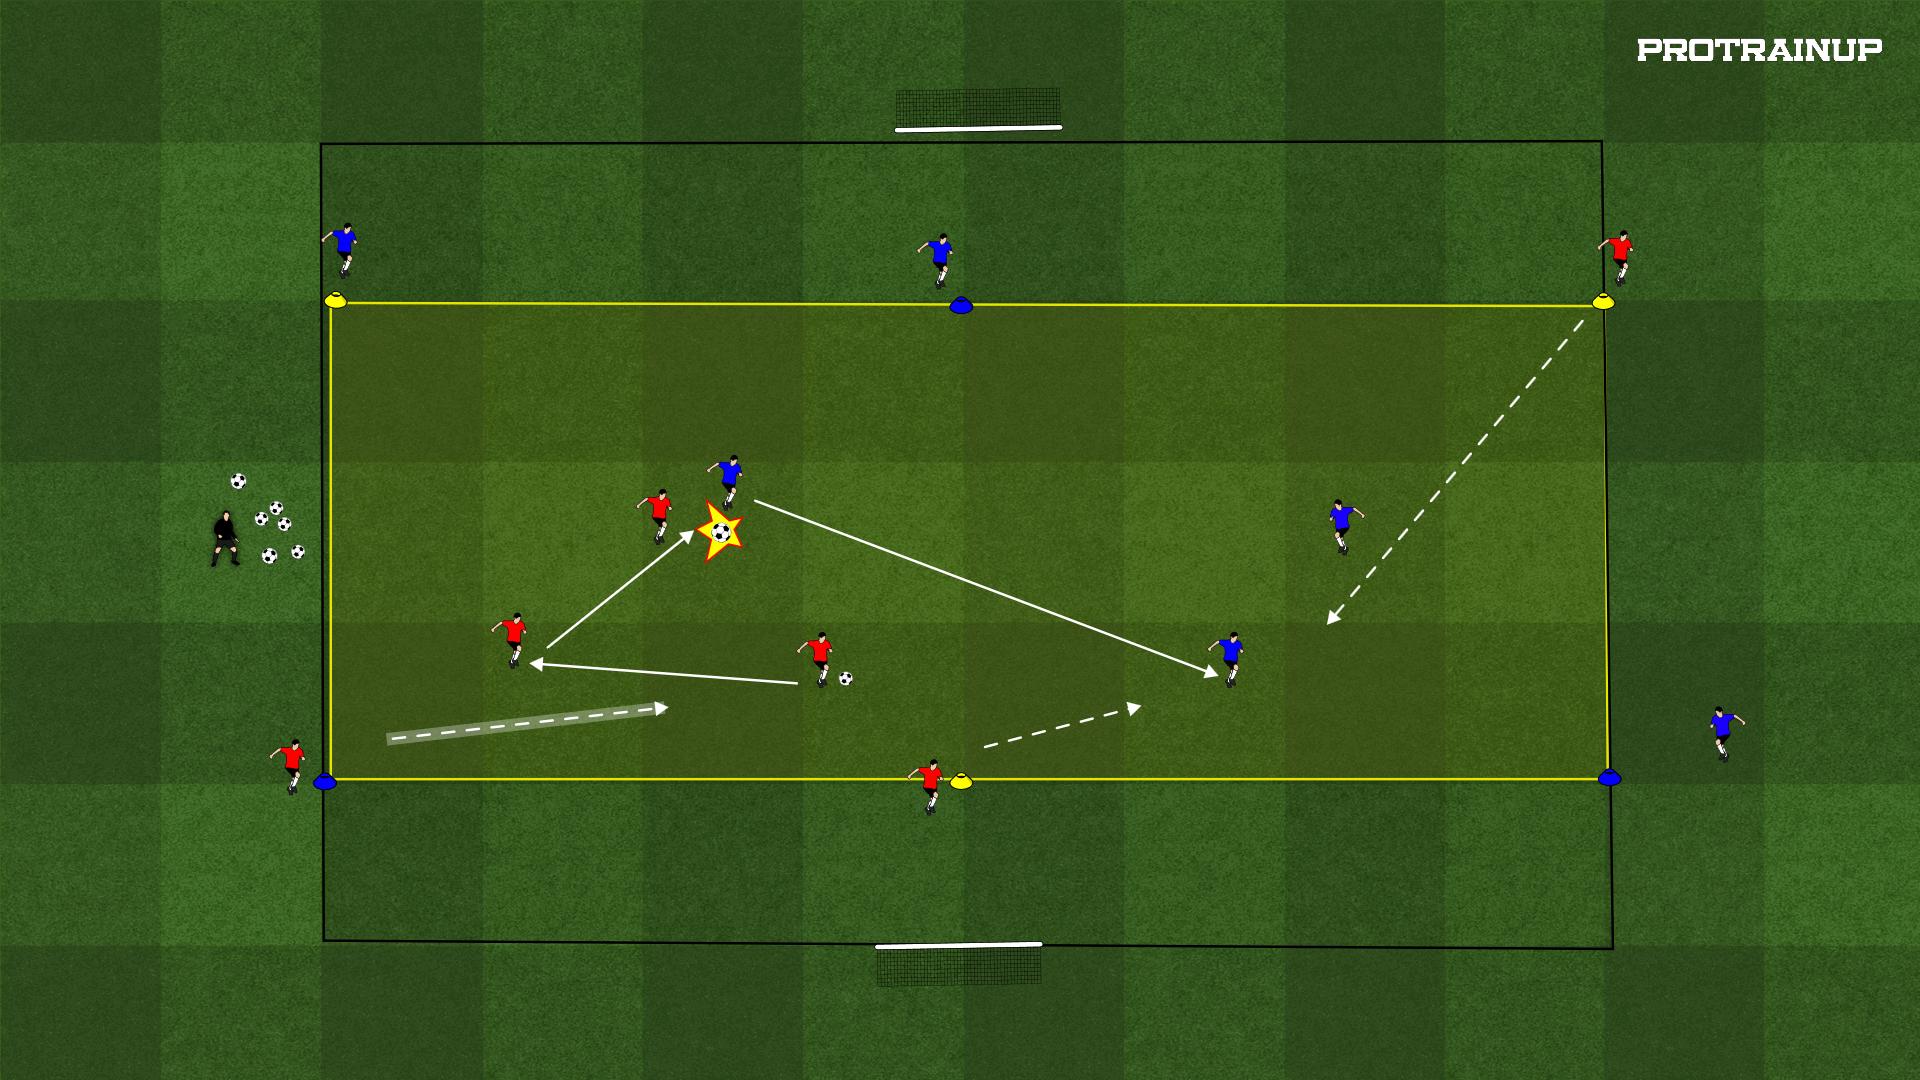 Gra 3x3 z 3 zewnętrznymi z presingiem po utracie piłki